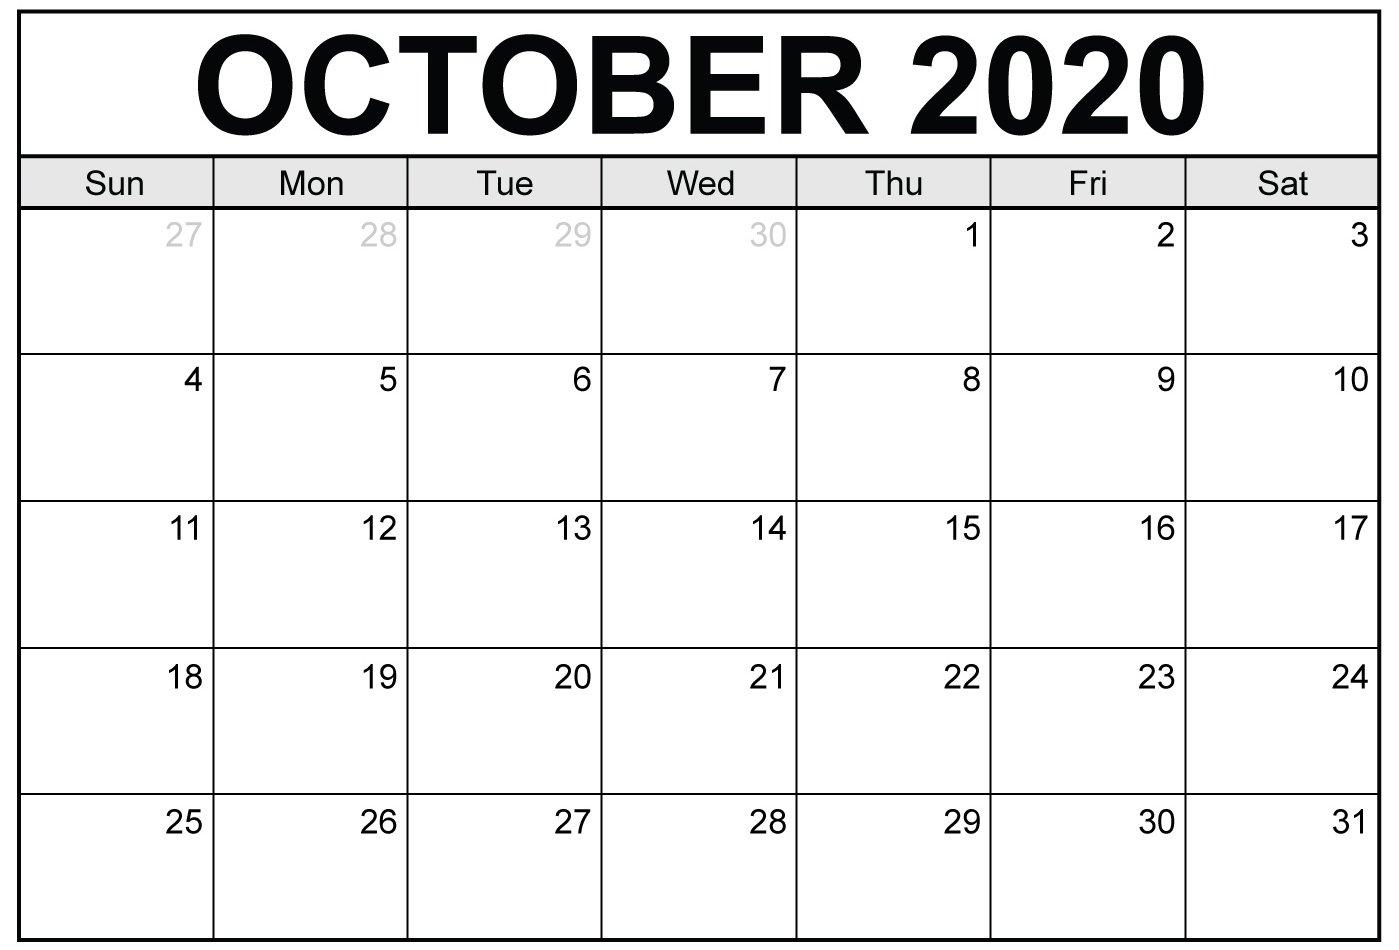 Penny A Day Savings Calendar Editable | Calendar Template 2021 Penny A Day Savings Calendar